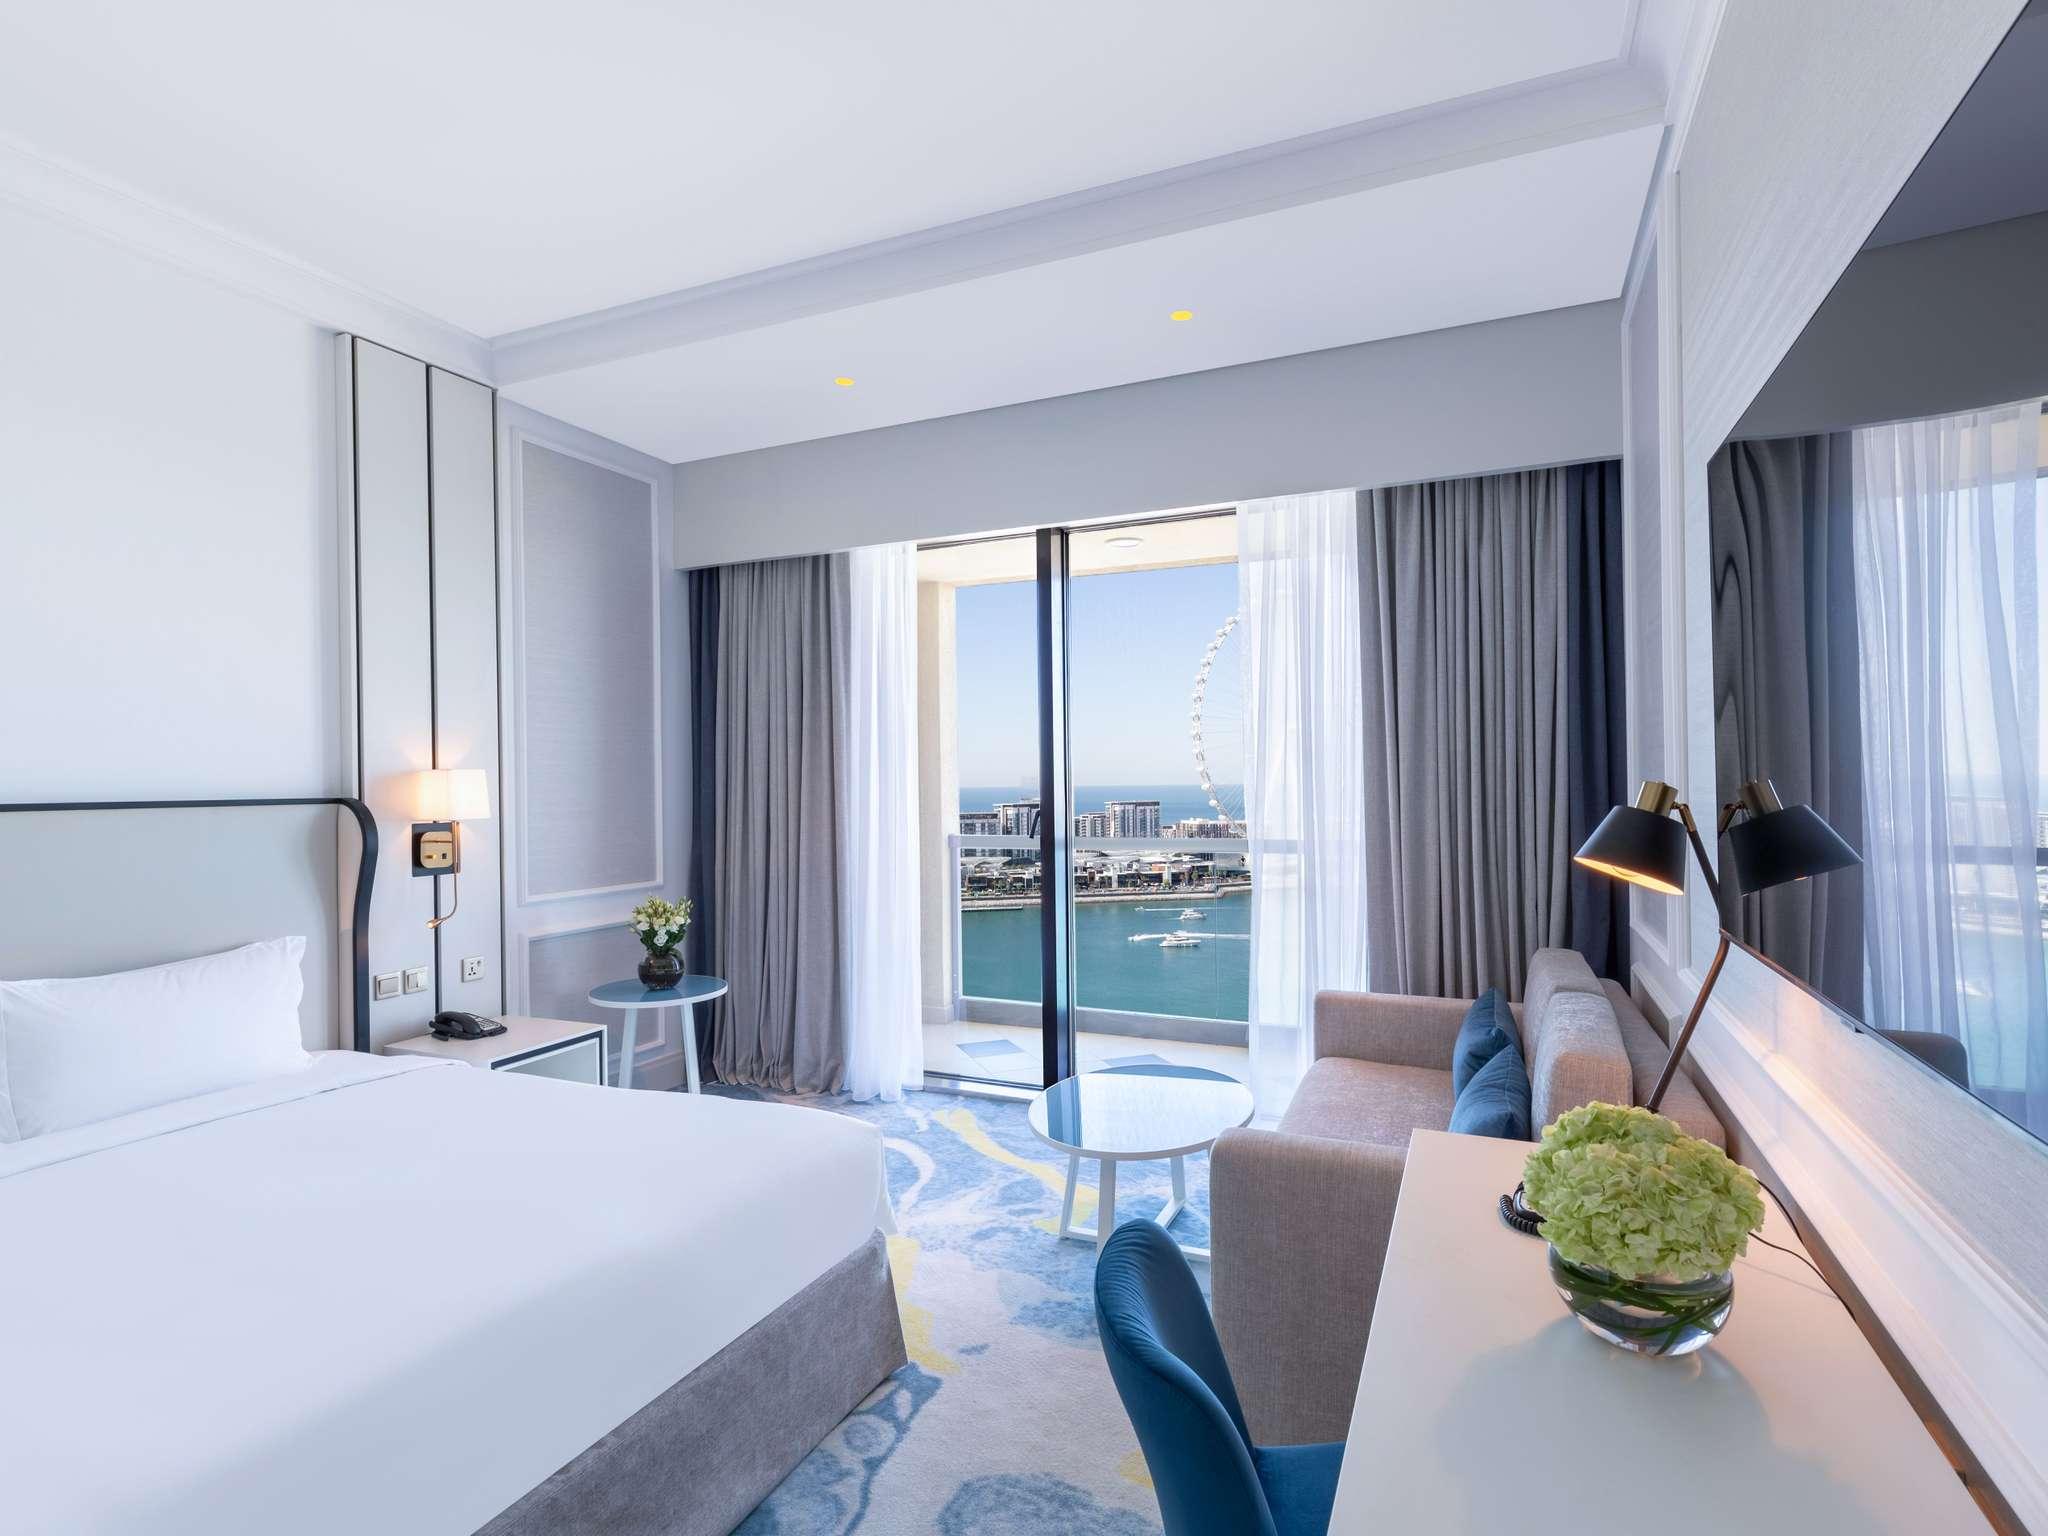 5 Star Hotel in DUBAI - Sofitel Dubai Jumeirah Beach